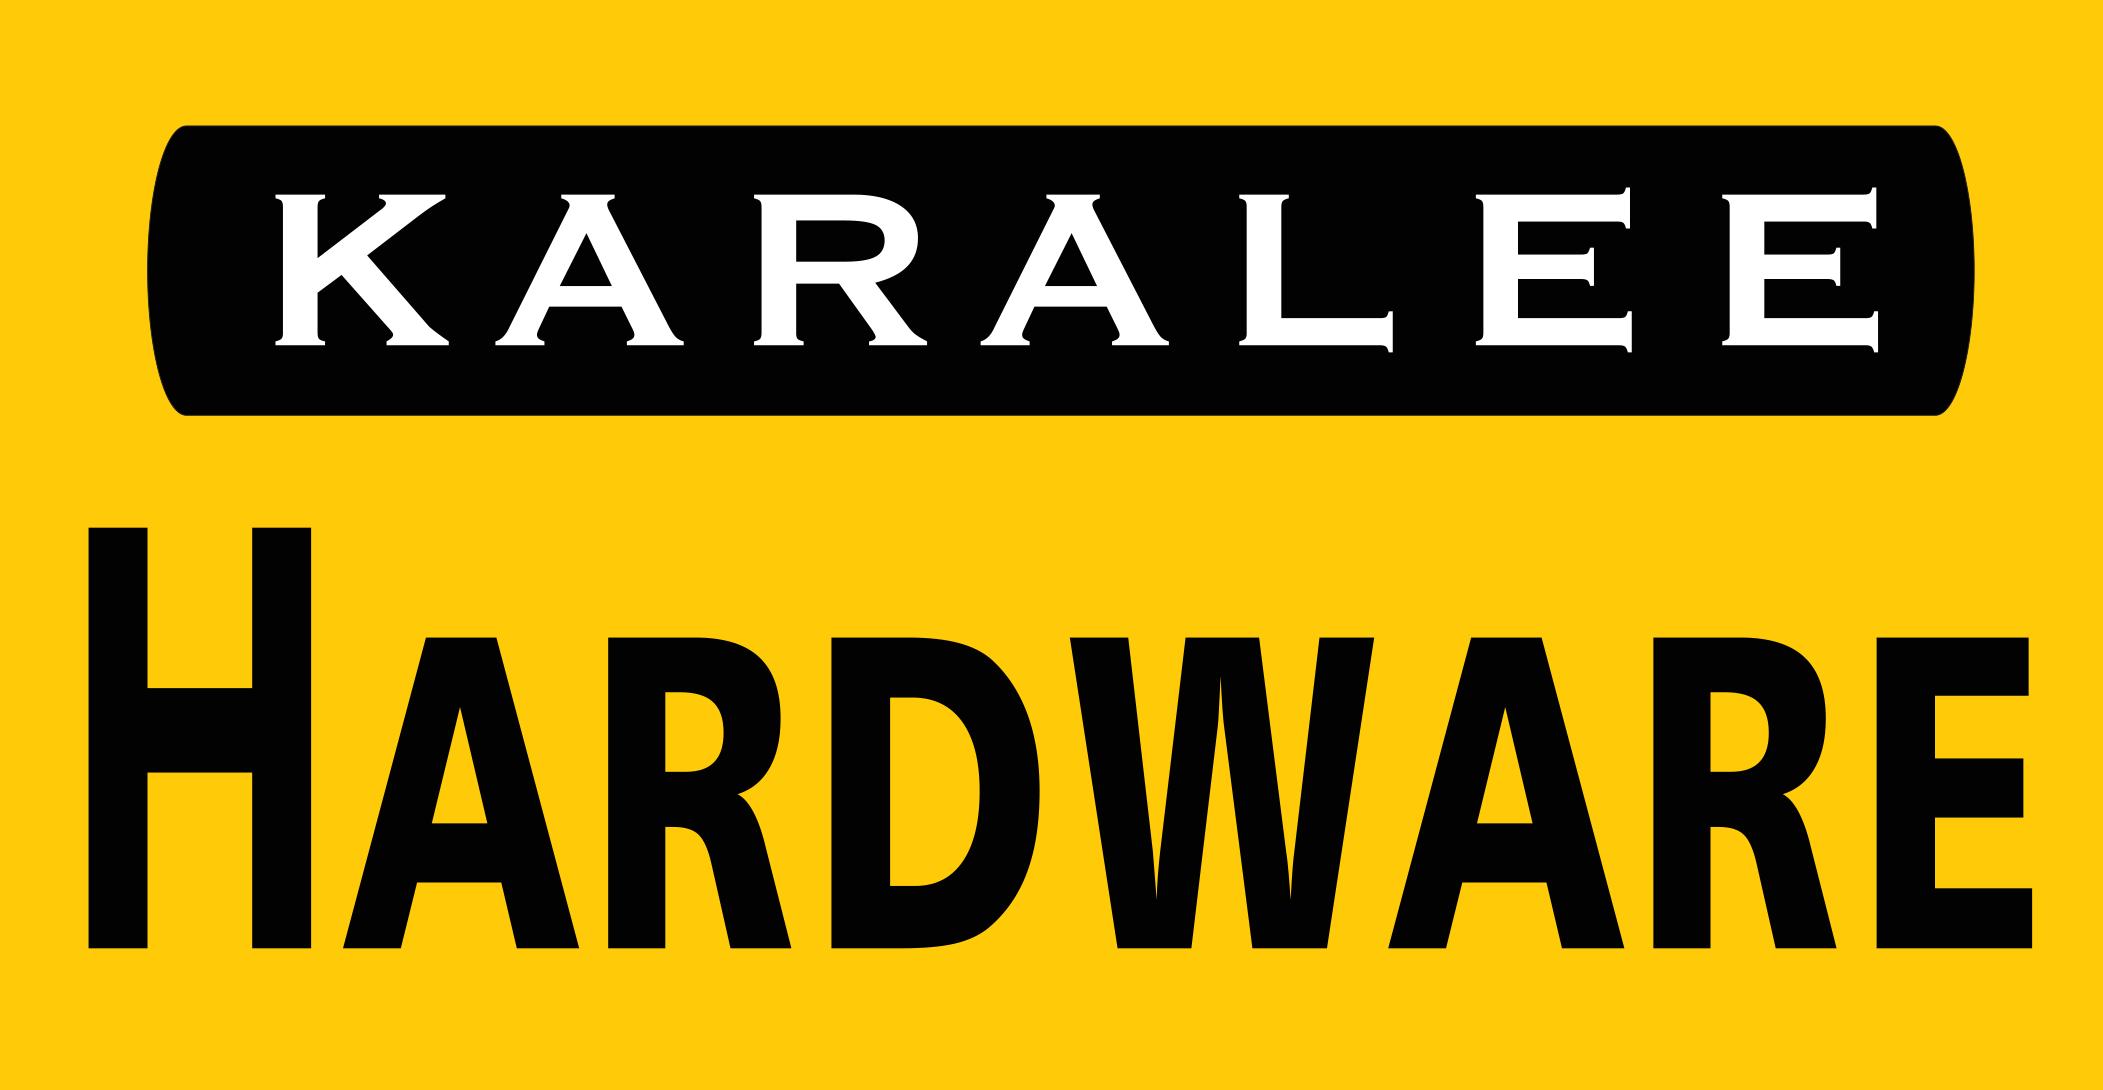 Karalee Hardware logo